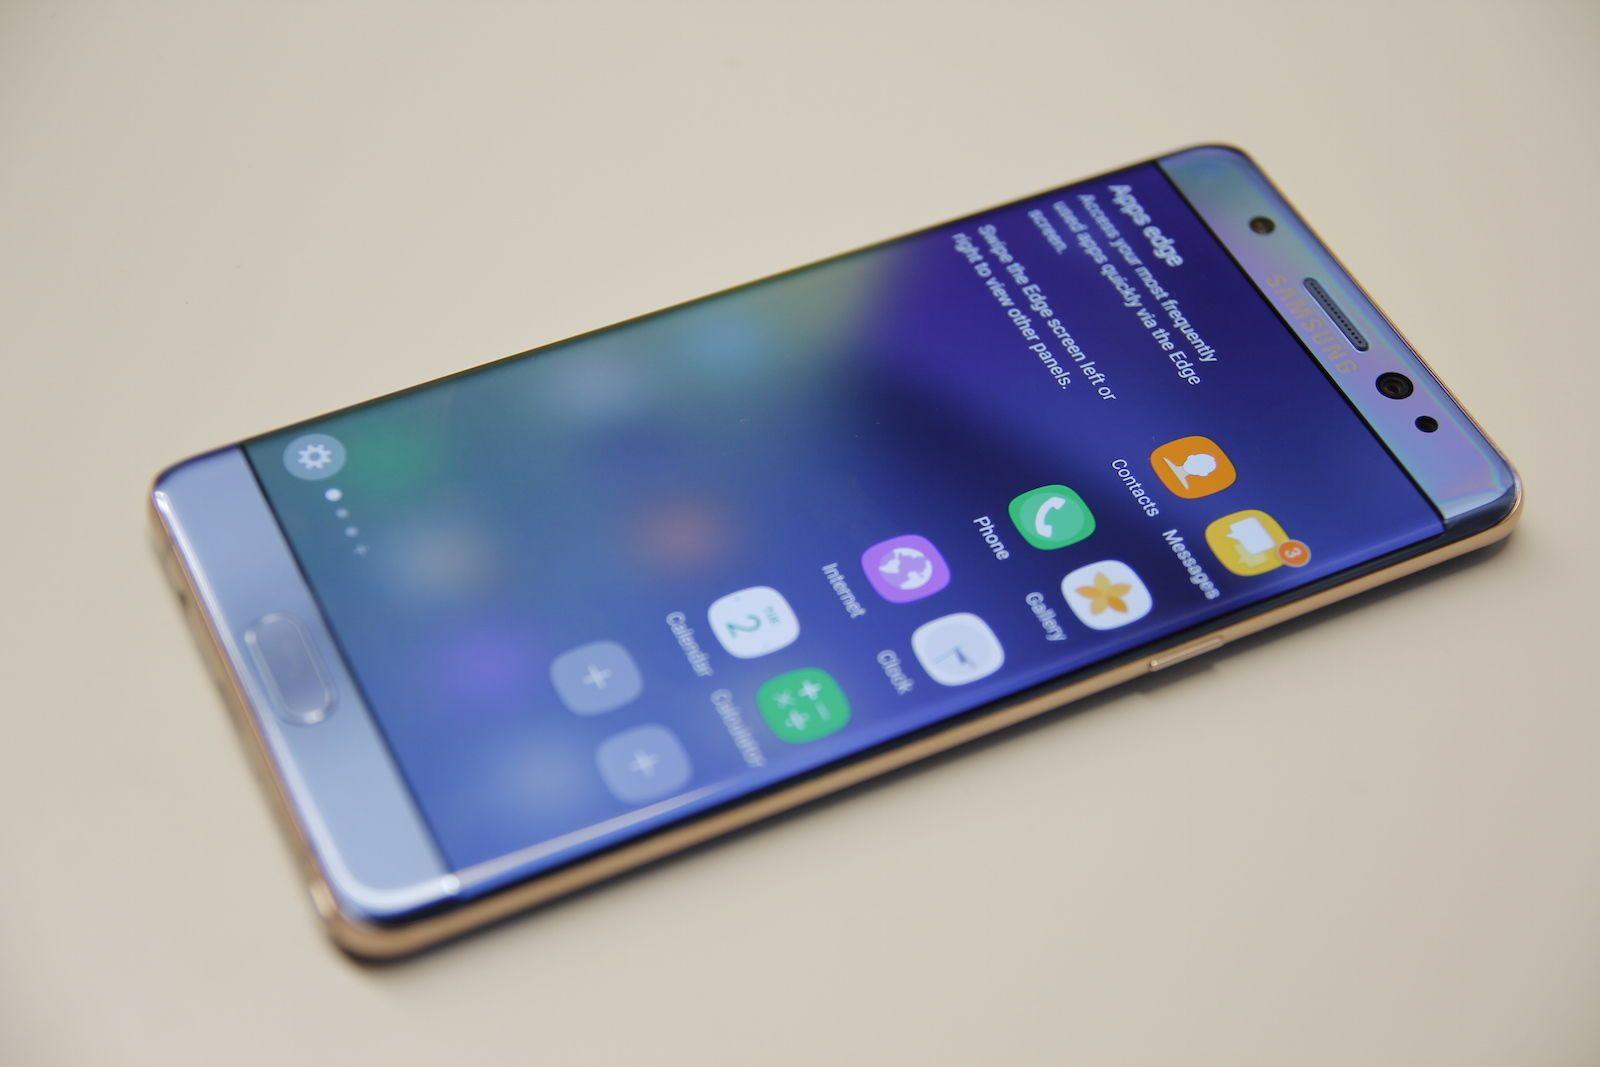 Samsung Lanzara Un Note 7 Con 6 Gb De Ram Y 128 Gb De